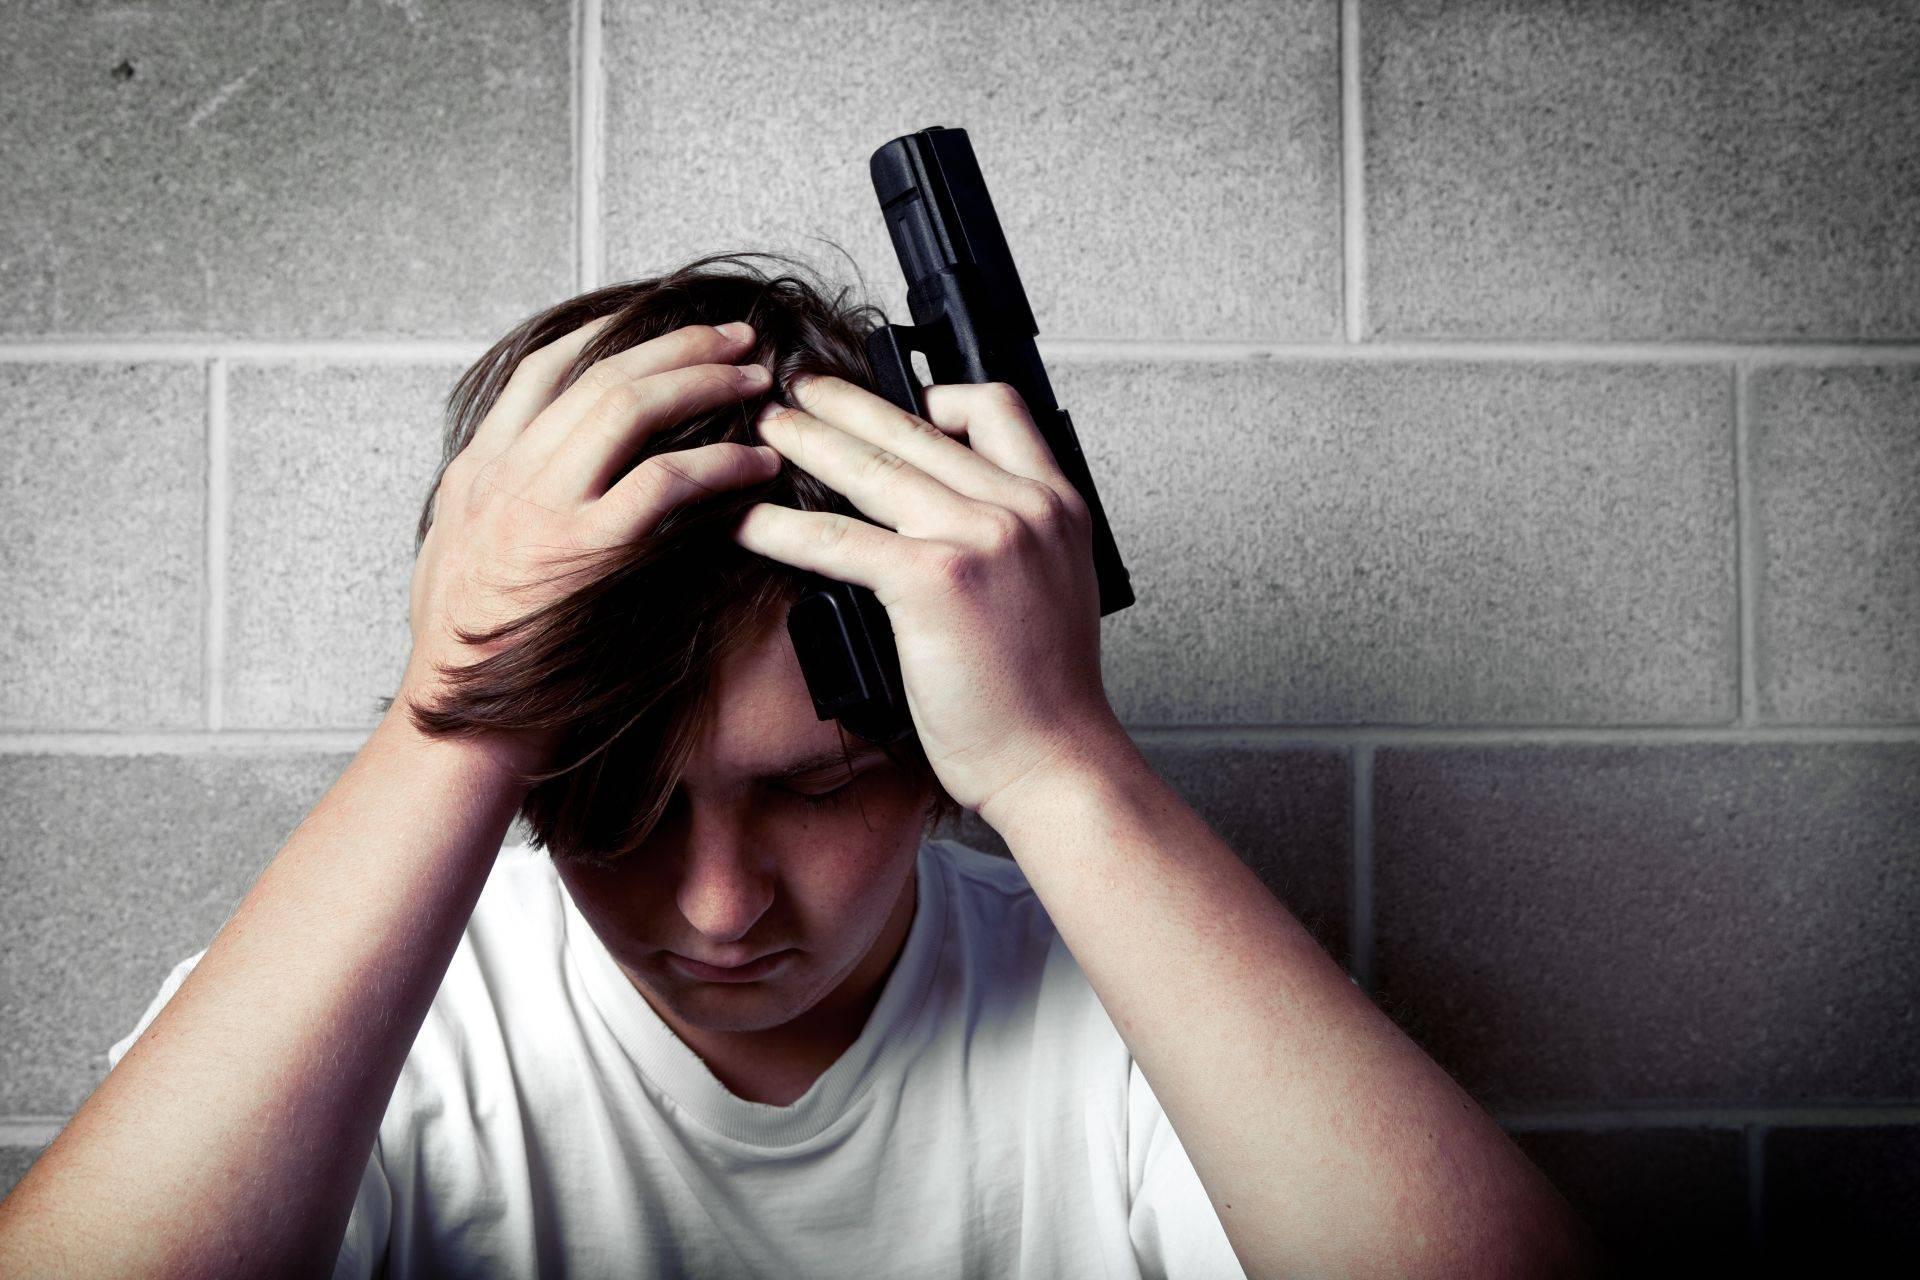 депрессия самоубийство